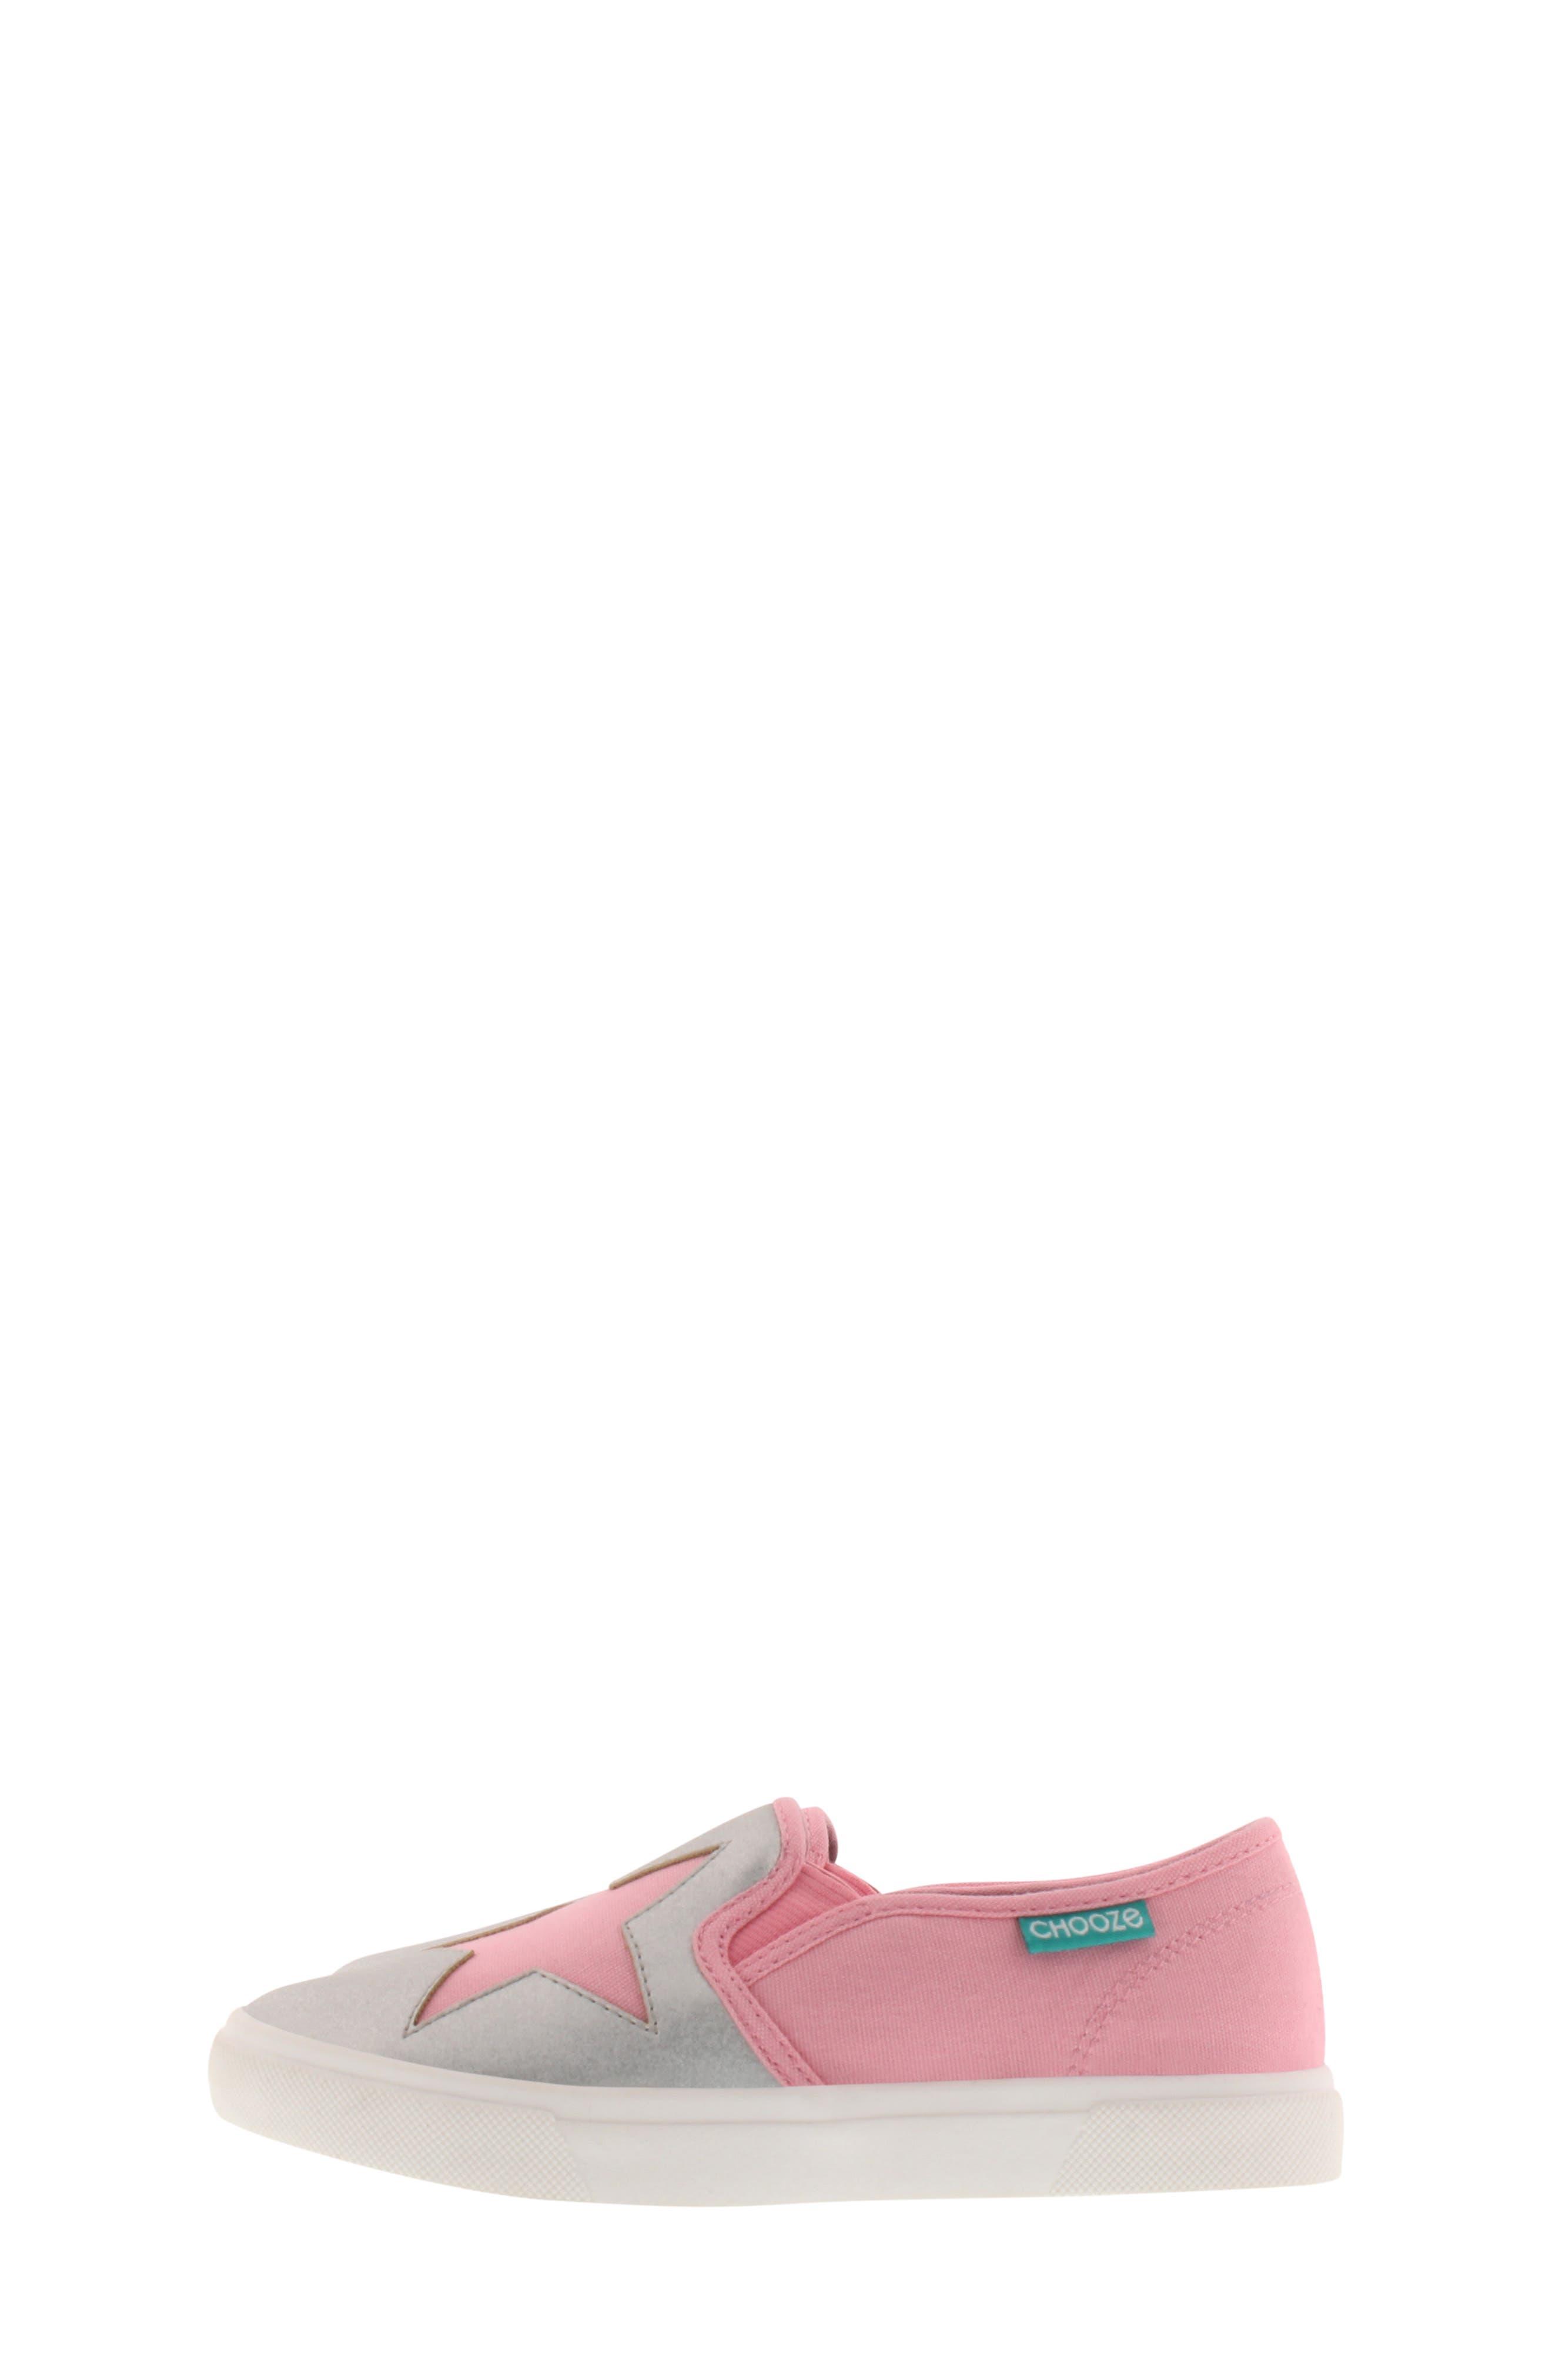 CHOOZE, Little Choice Starheart Slip-On Sneaker, Alternate thumbnail 8, color, SILVER